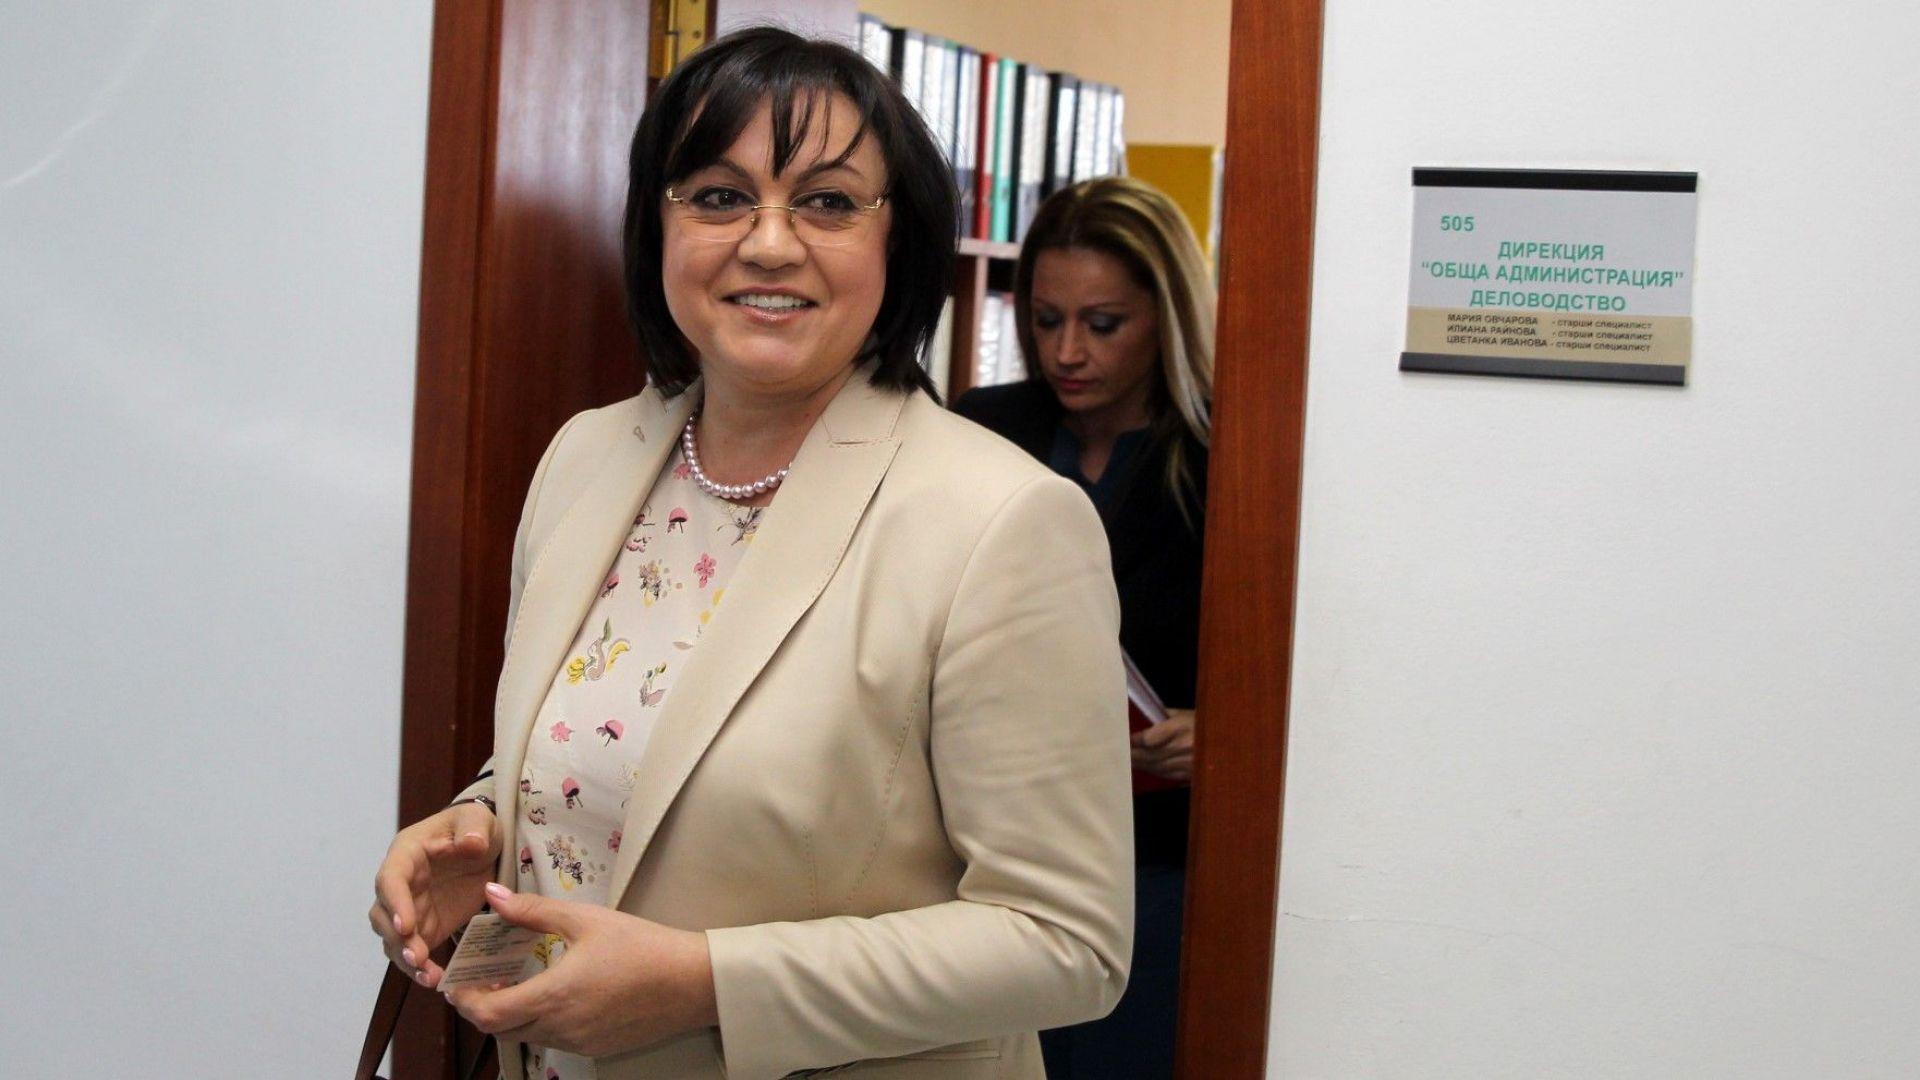 Нинова свърза атаките срещу нея с 43-те млн. лв., дадени на Гергов